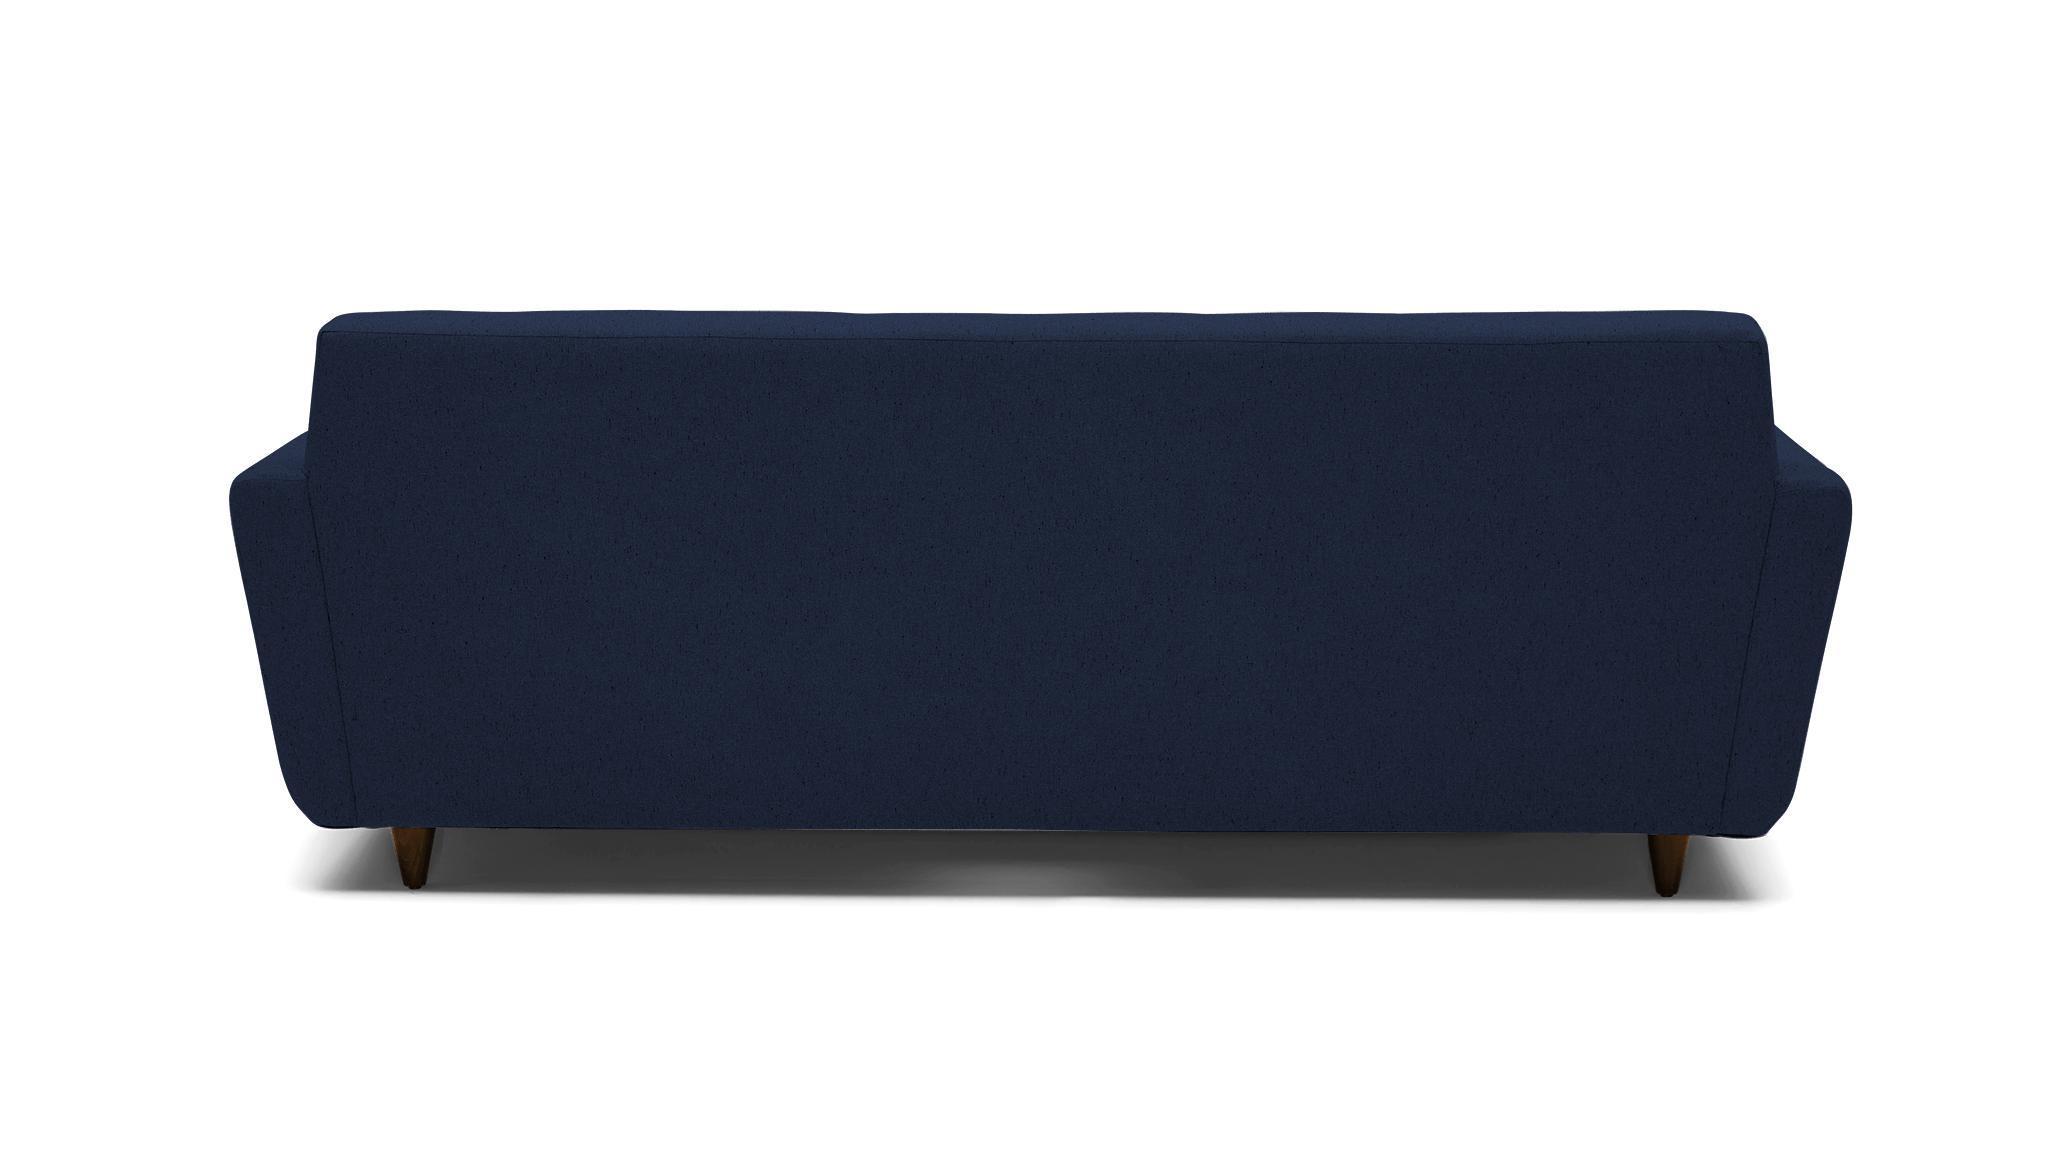 Blue Hughes Mid Century Modern Sleeper Sofa - Bentley Indigo - Mocha